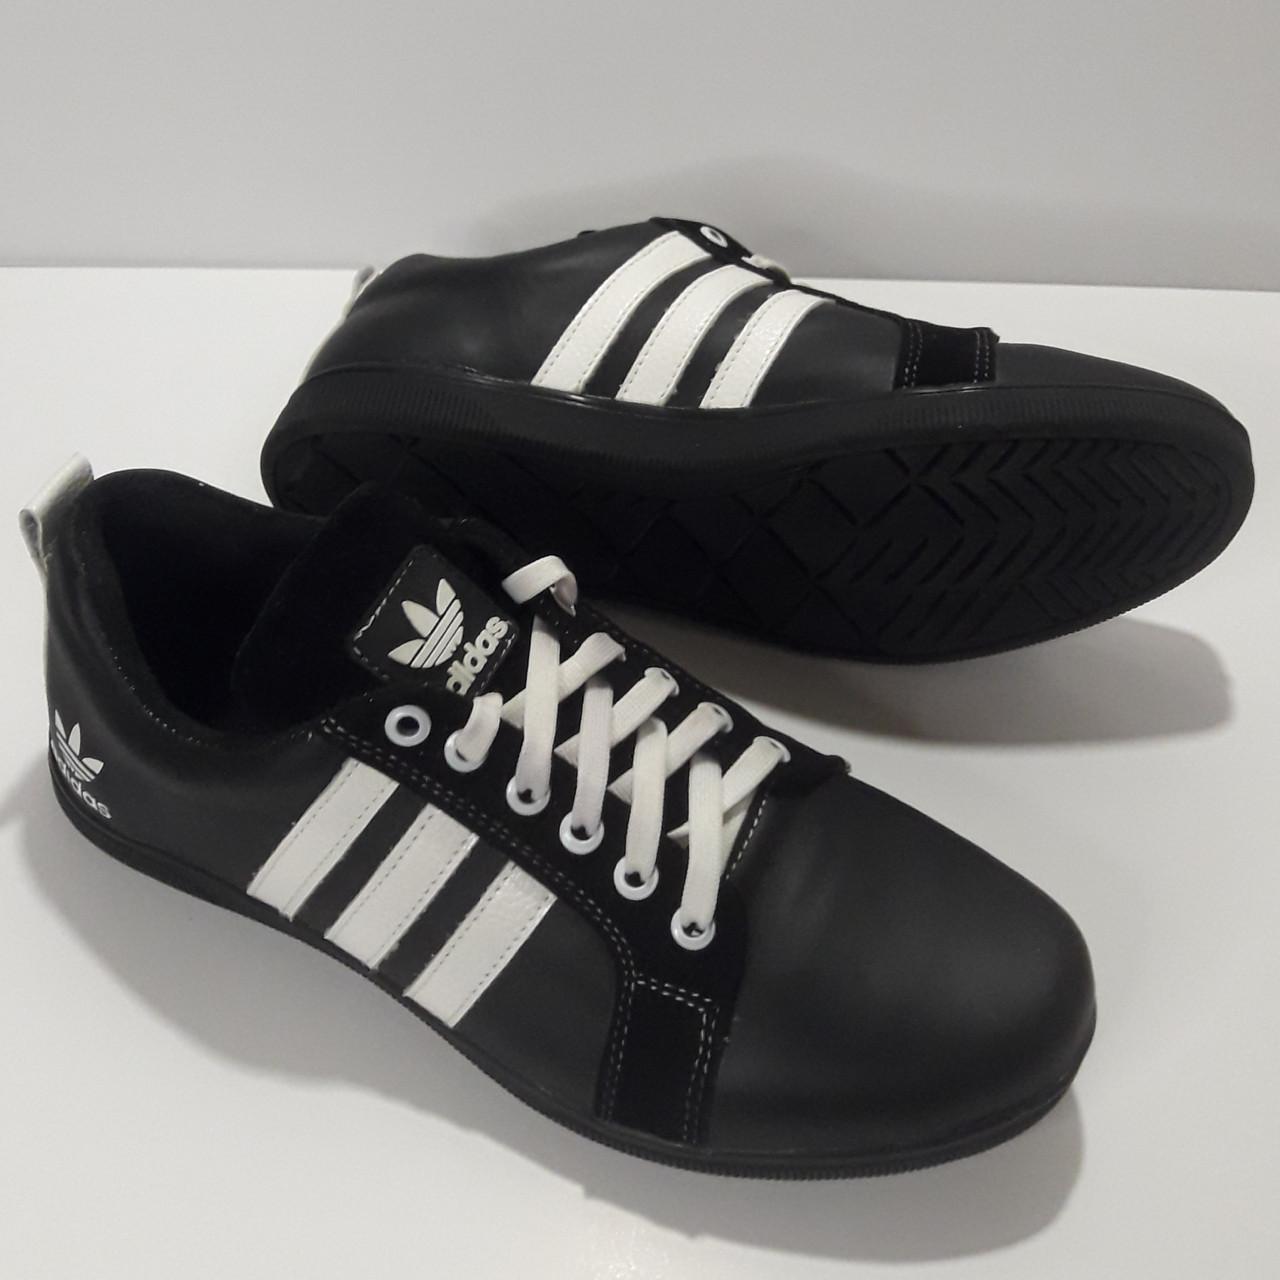 Кросівки Adidas р. 44 шкіра Харків чорні